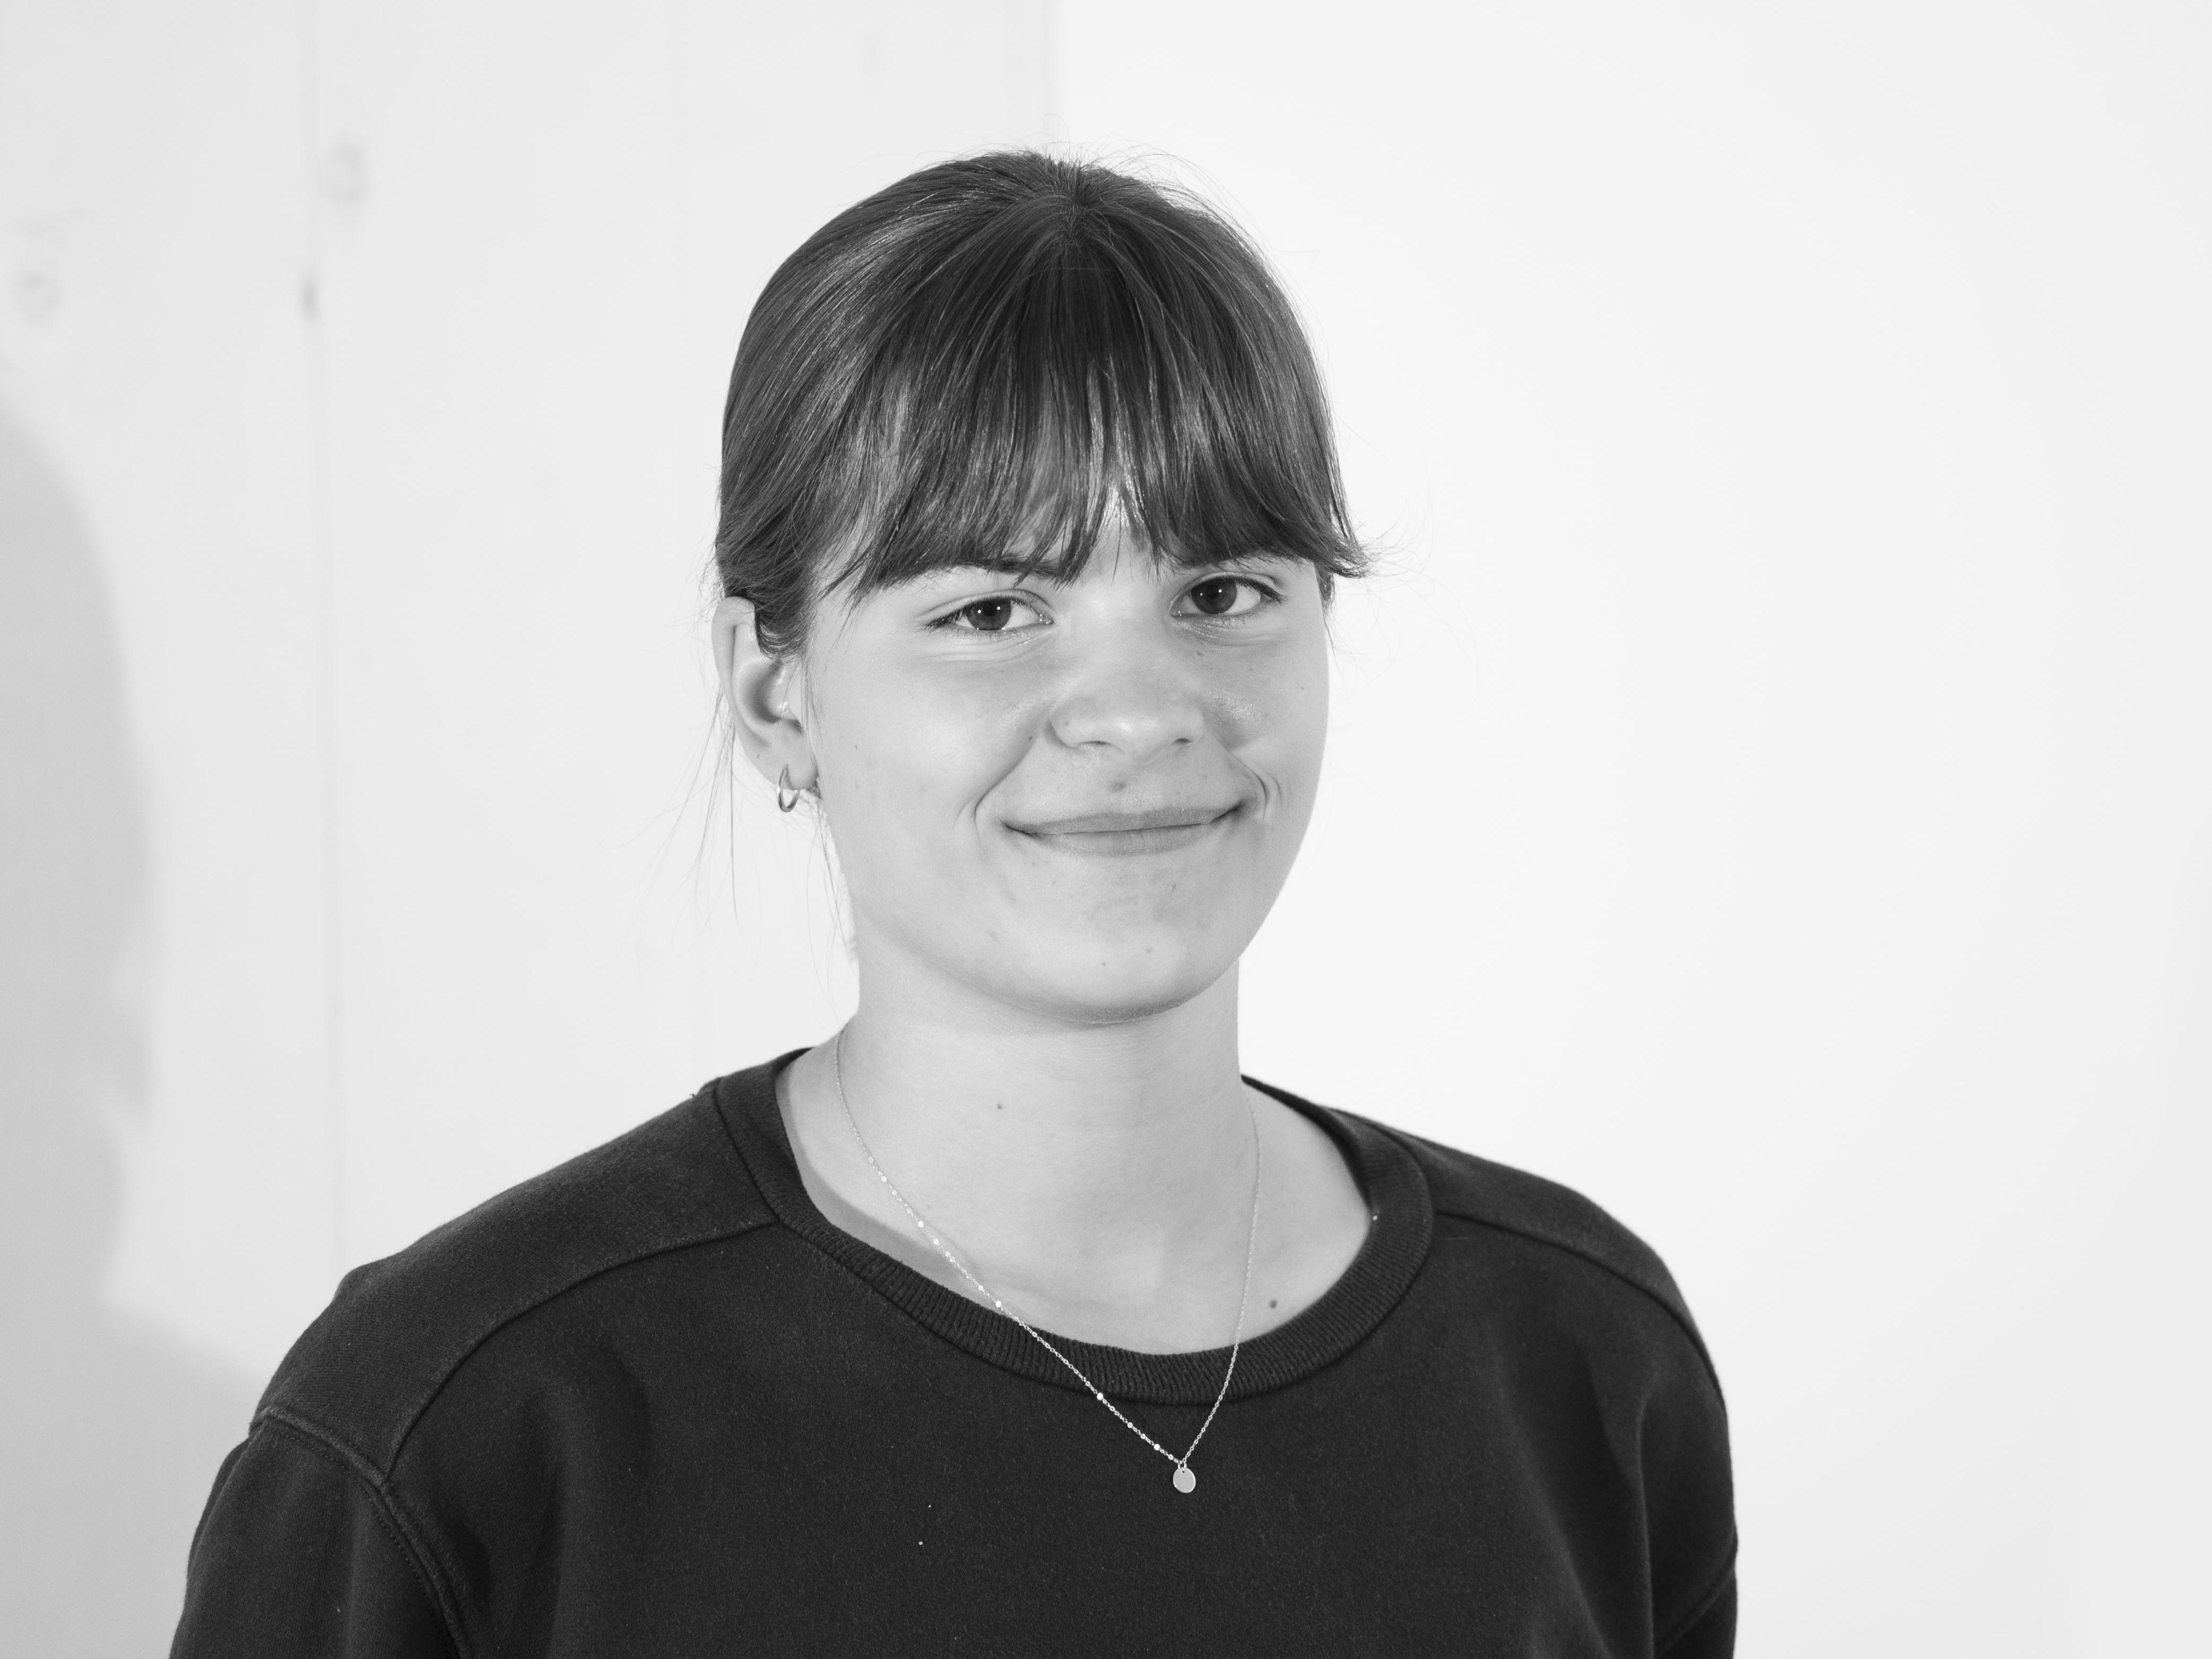 Emily Lechaux